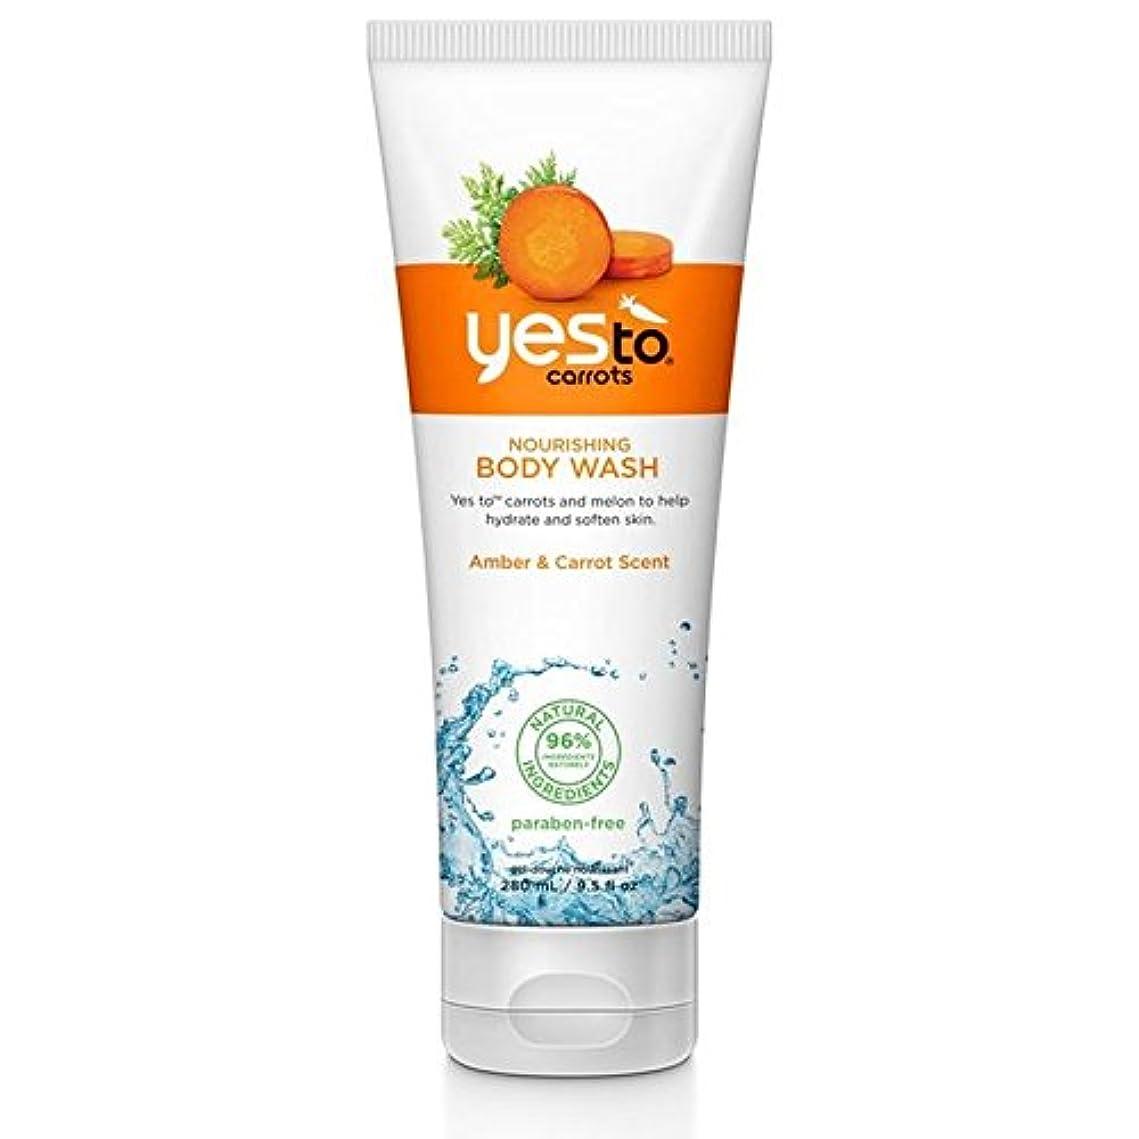 ジュース不良品債務者Yes To Carrots Nourishing Body Wash 280ml - はいボディウォッシュ280ミリリットル栄養ニンジンへ [並行輸入品]